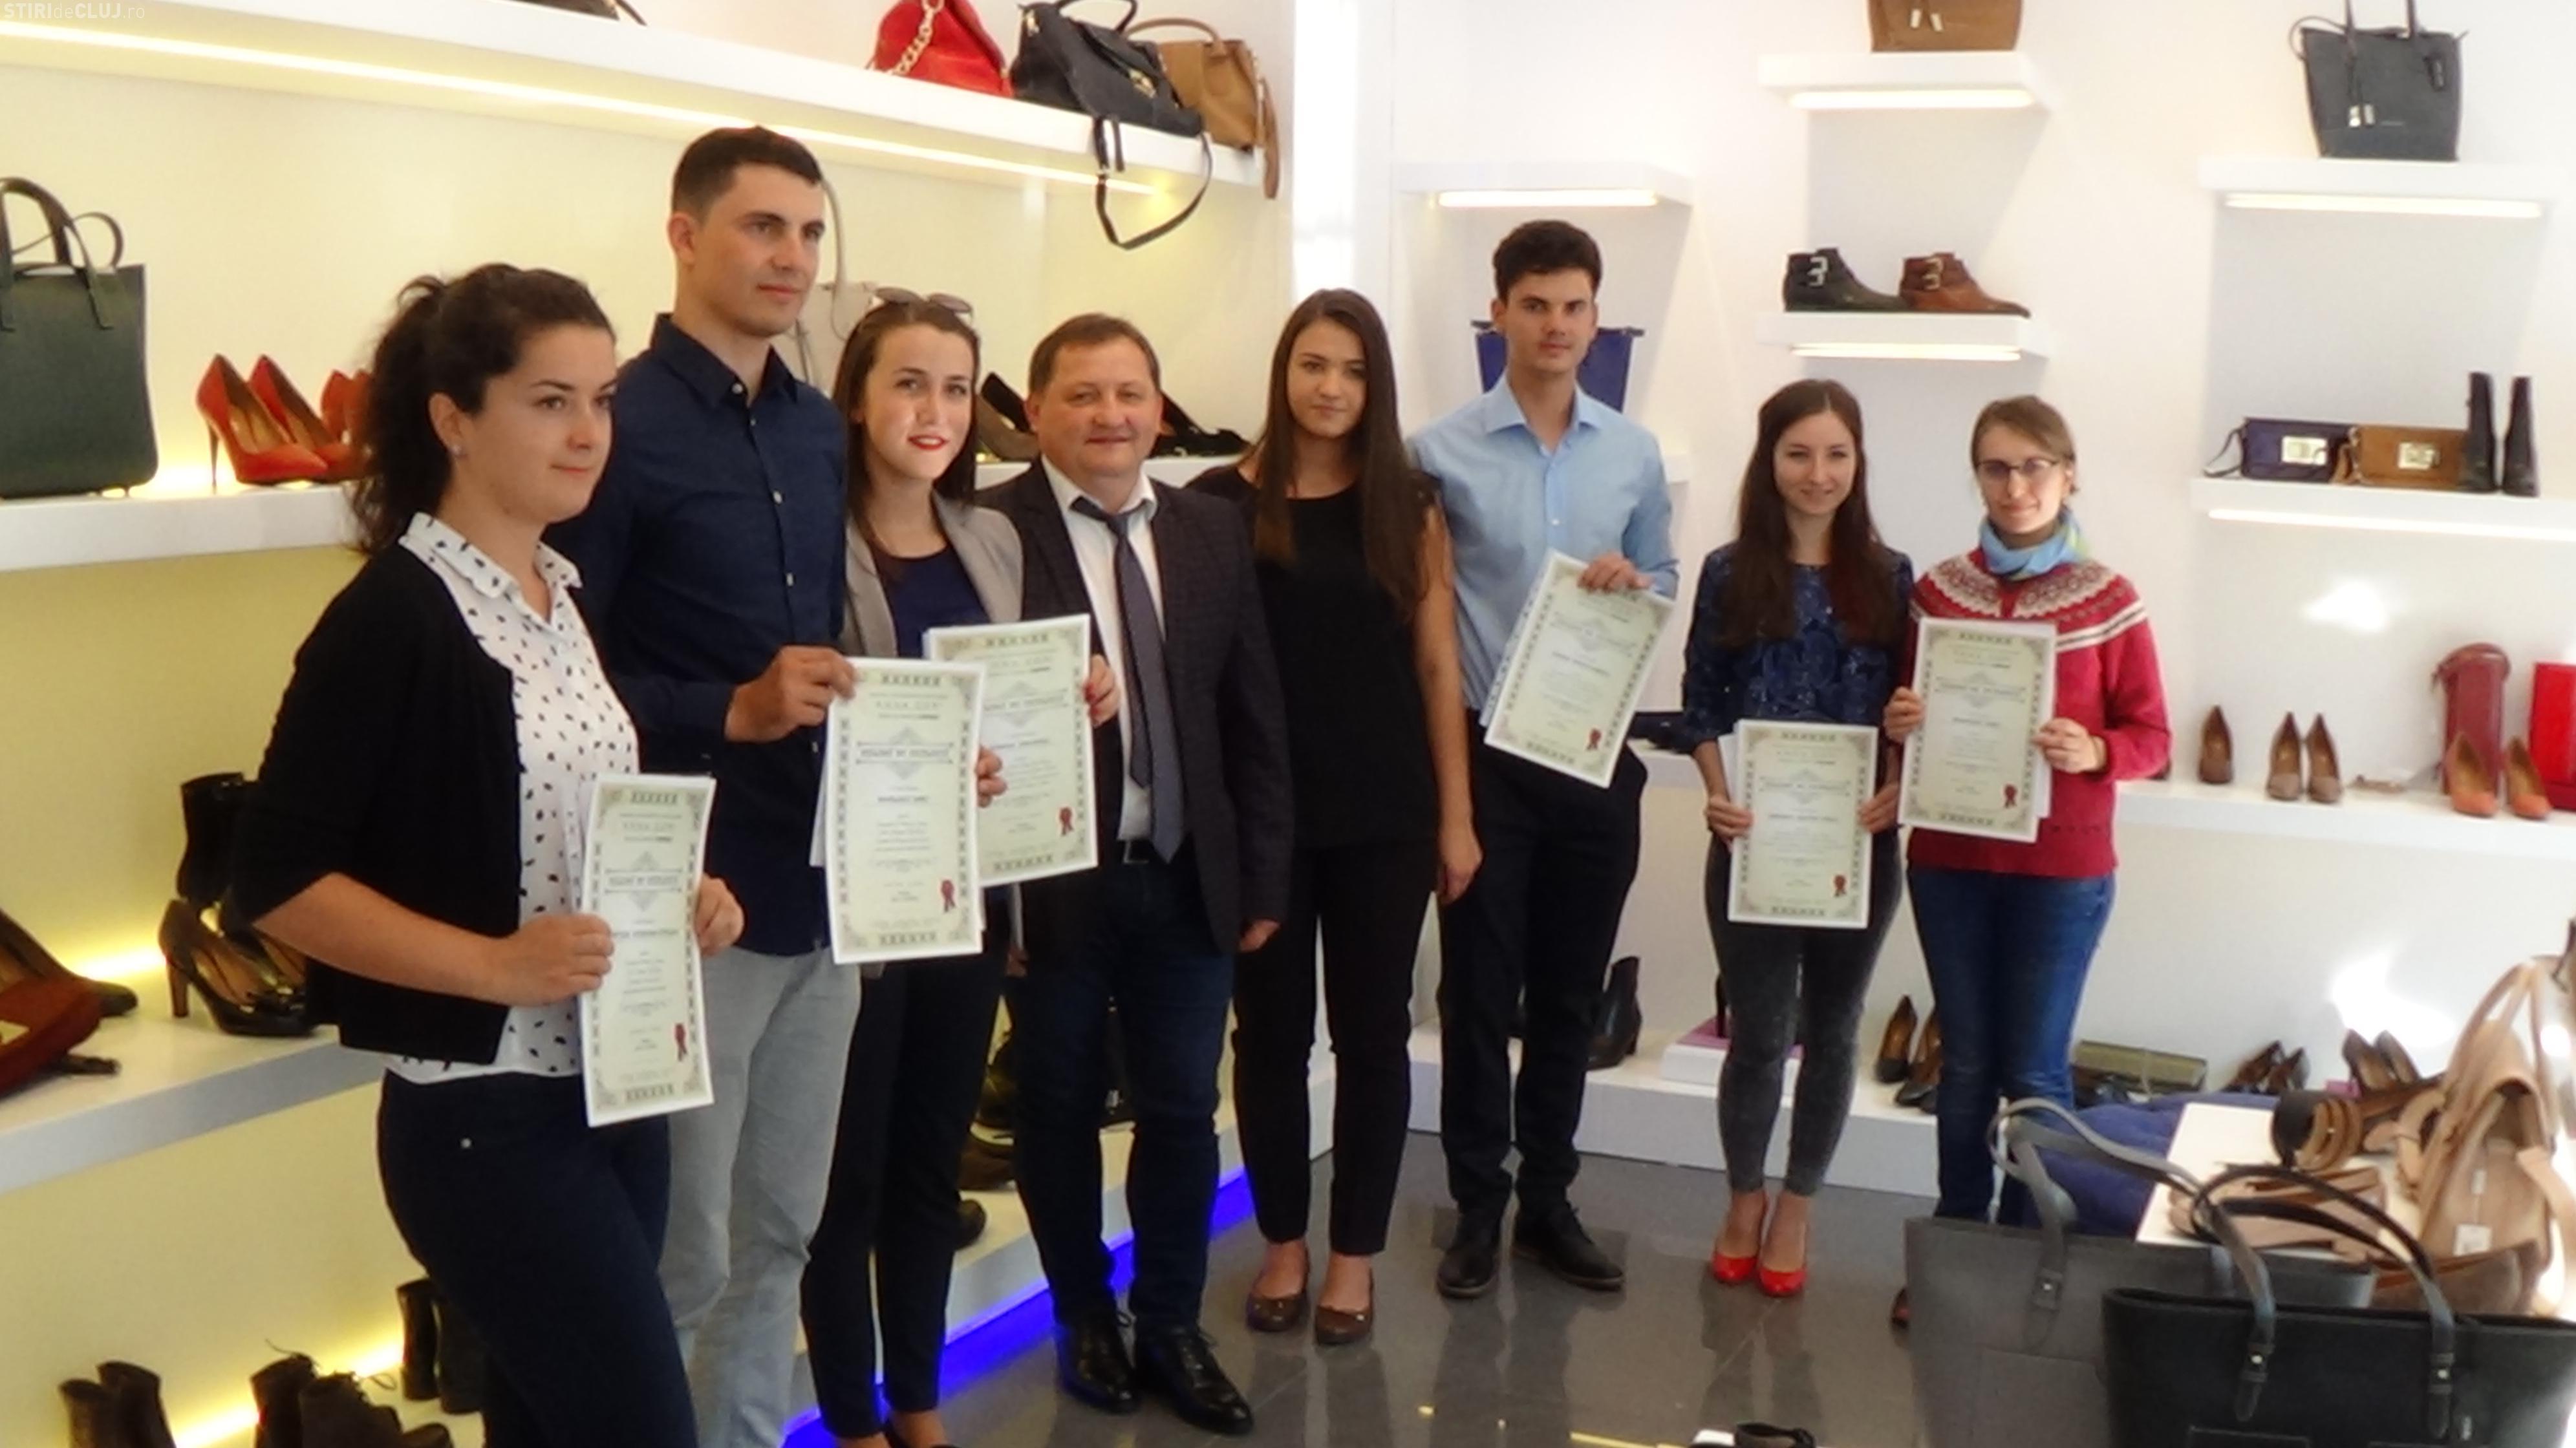 Fabrica de încălţăminte DENIS i-a premiat pe cei mai buni studenți clujeni, la deschiderea noului magazin de pe Eroilor FOTO/VIDEO (P)